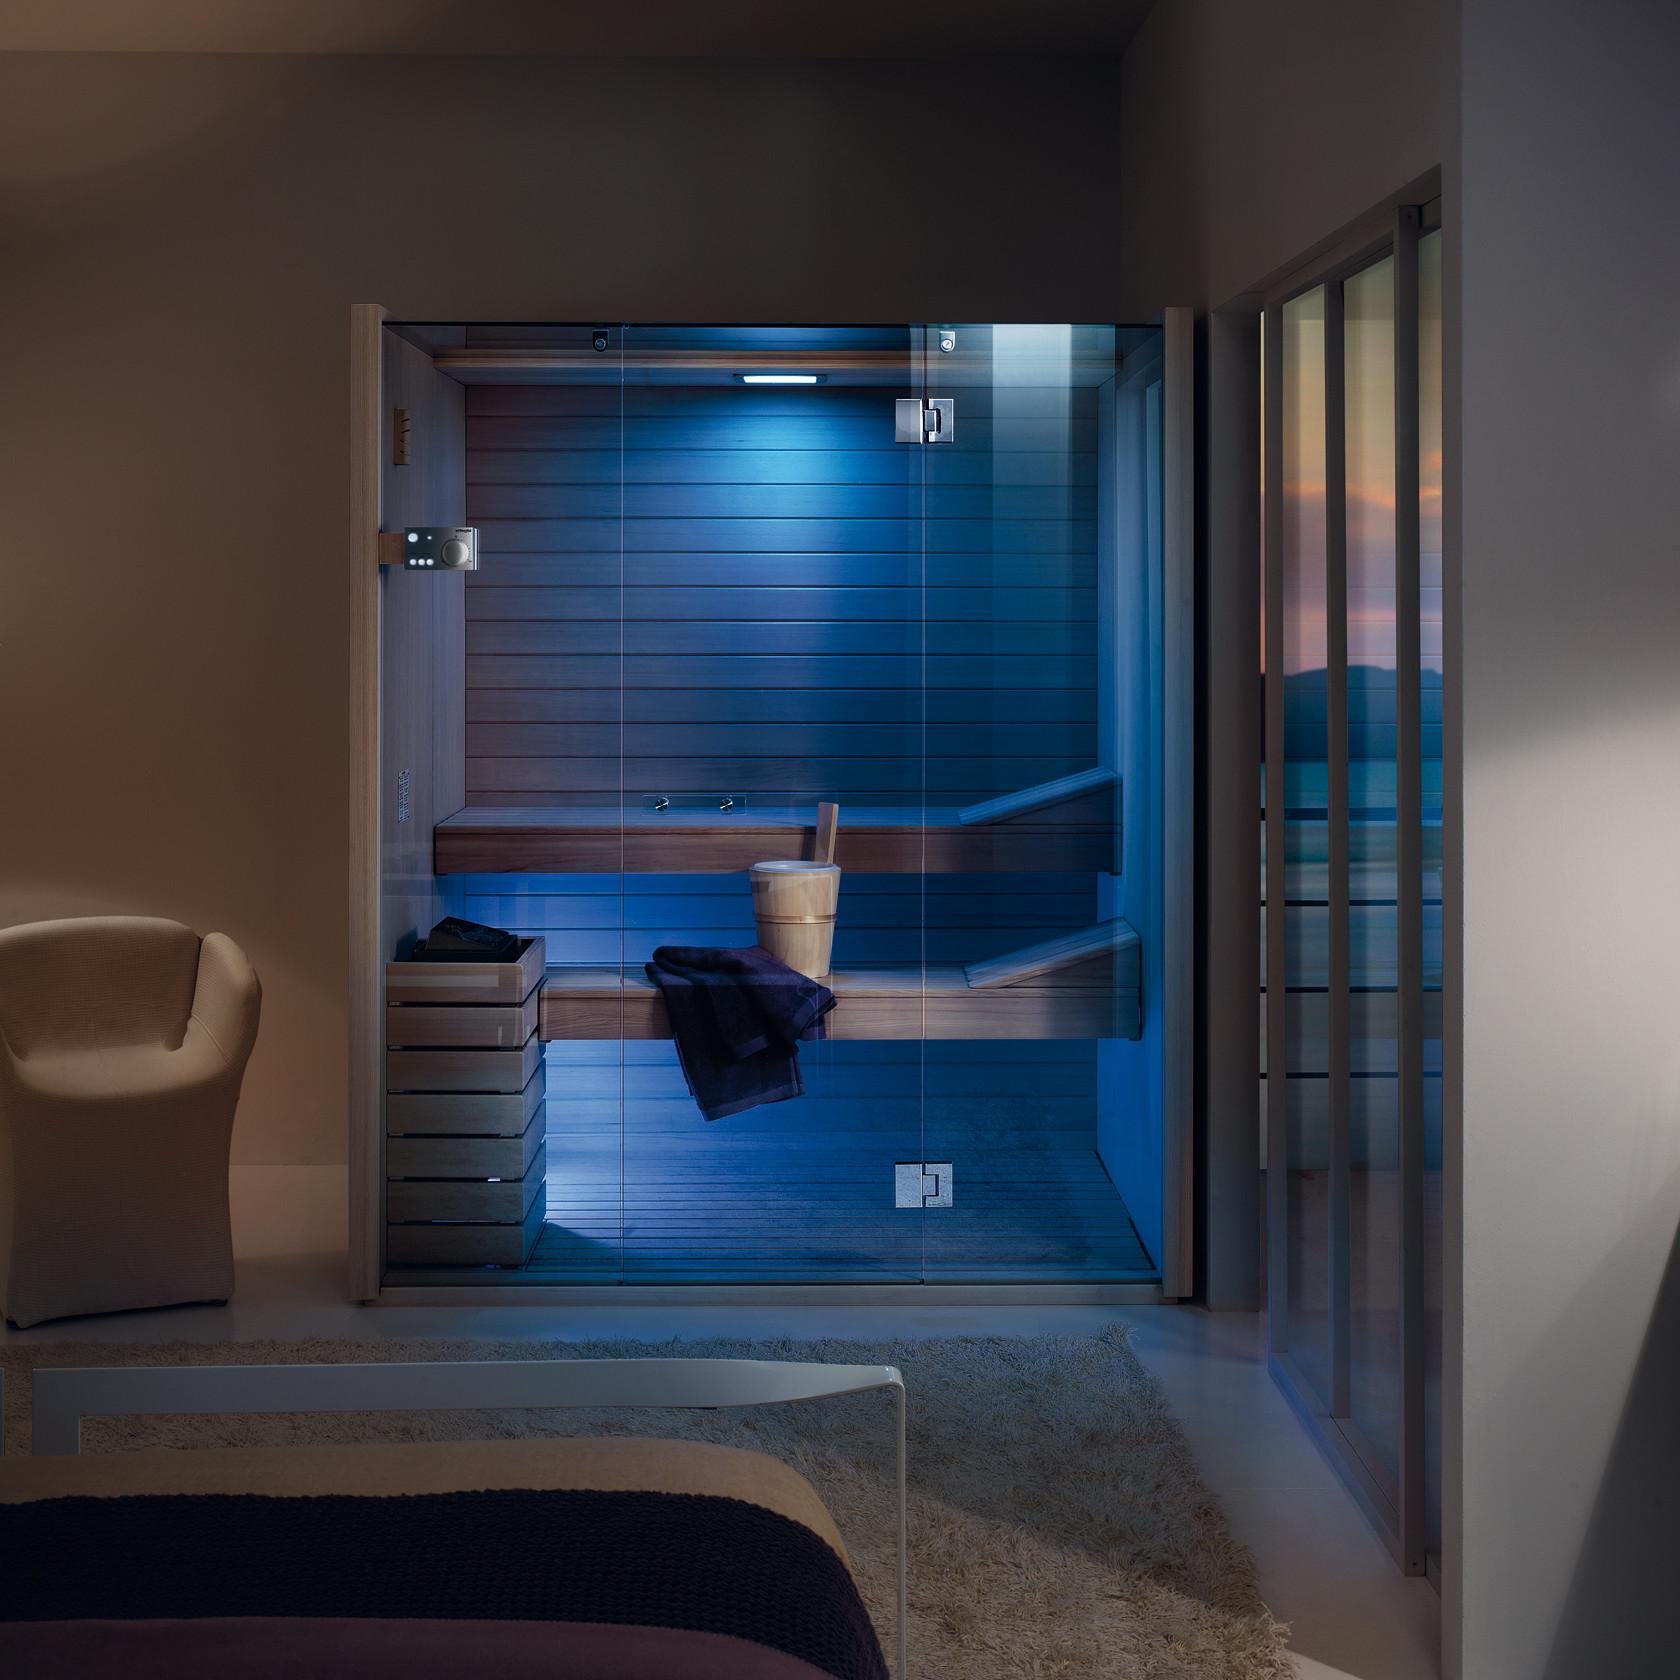 Sky Modello Glass. Illuminazione a parete con luce bianca e cromoterpia